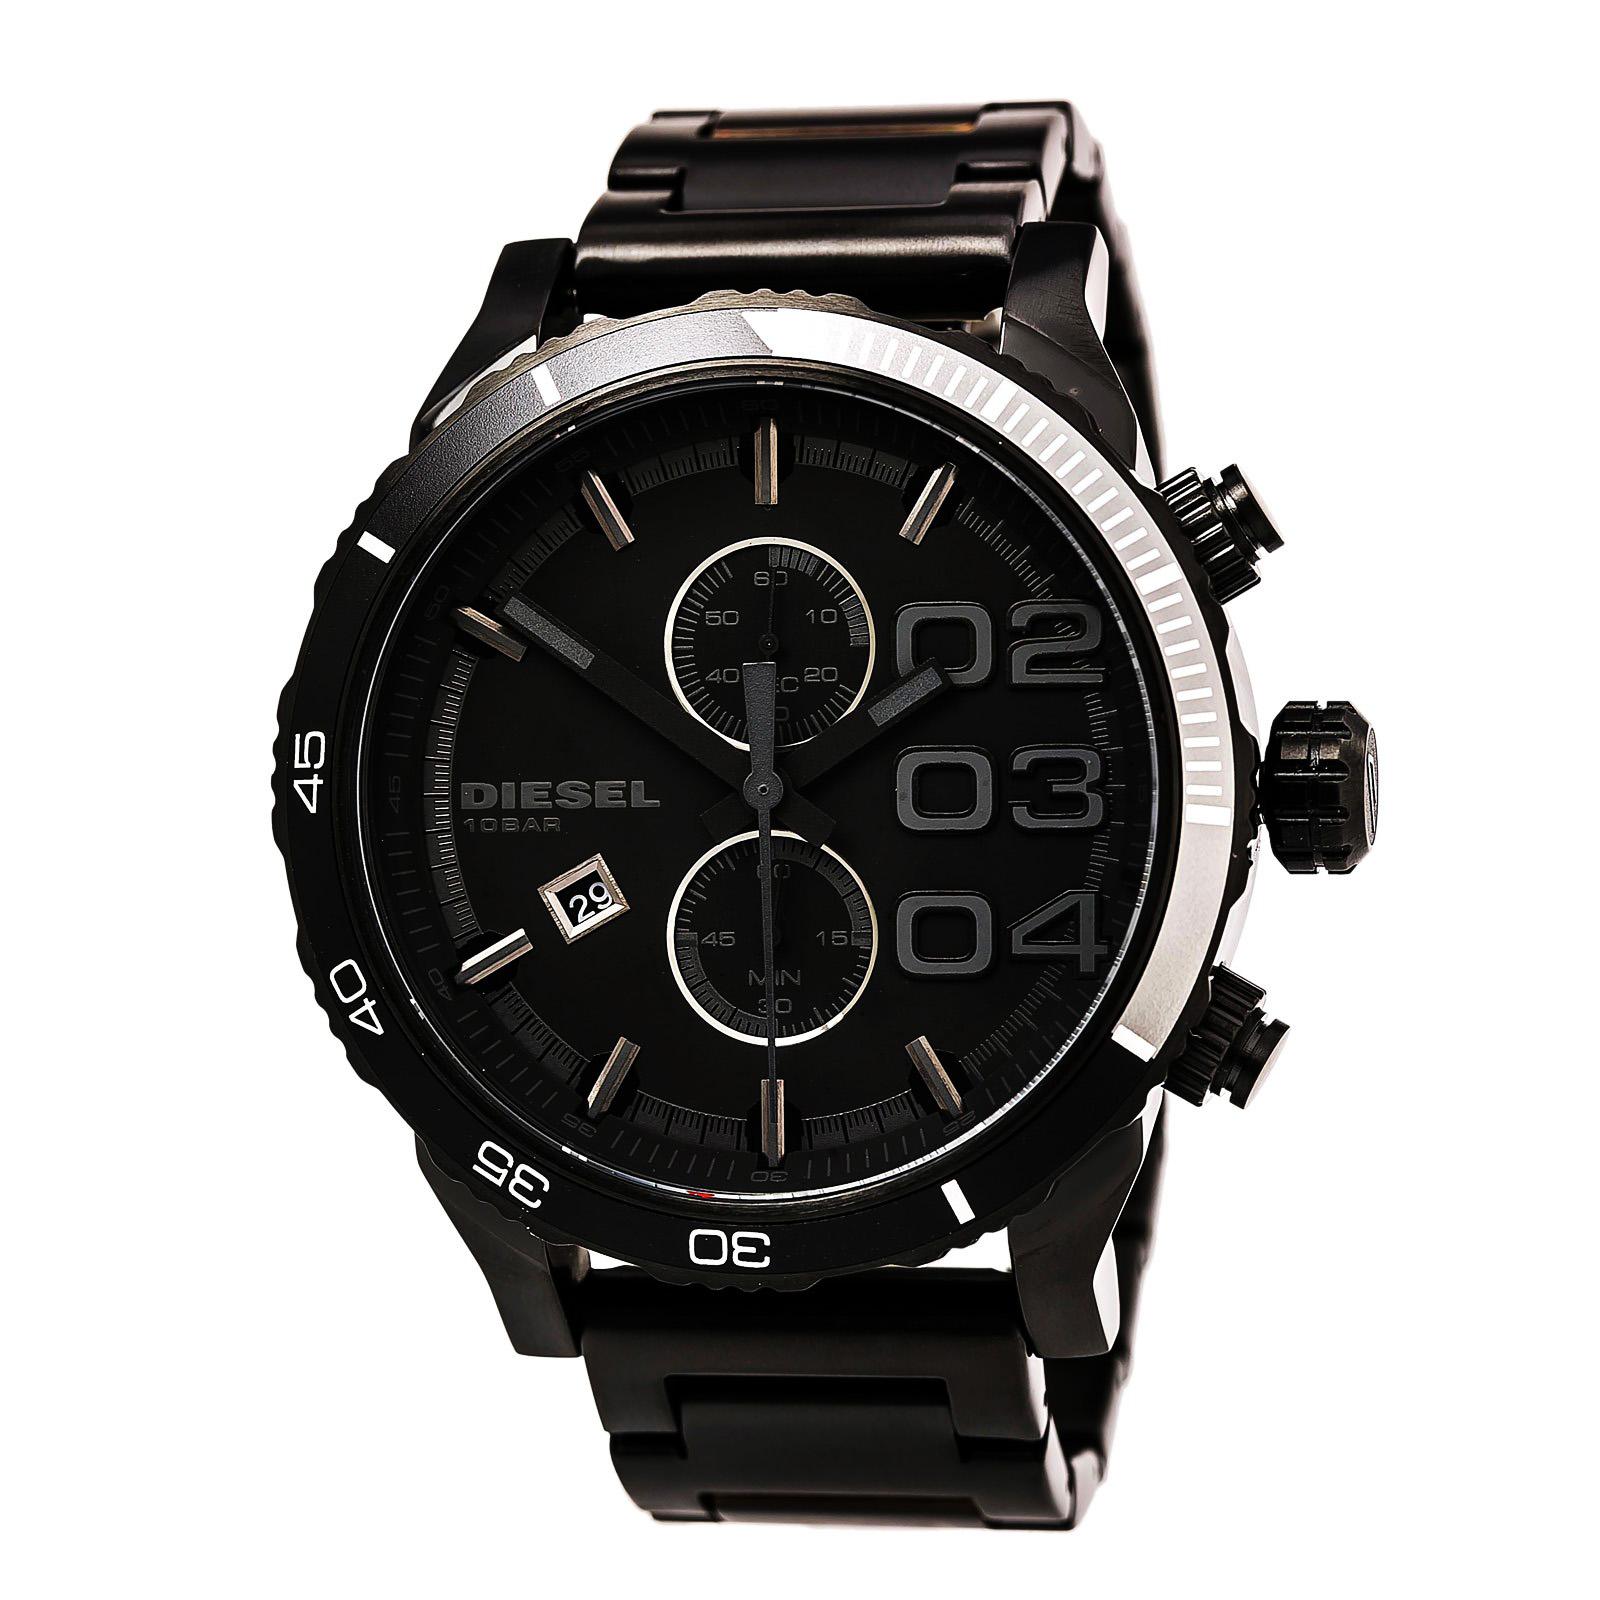 ساعت مچی عقربه ای مردانه دیزل مدل DZ4326